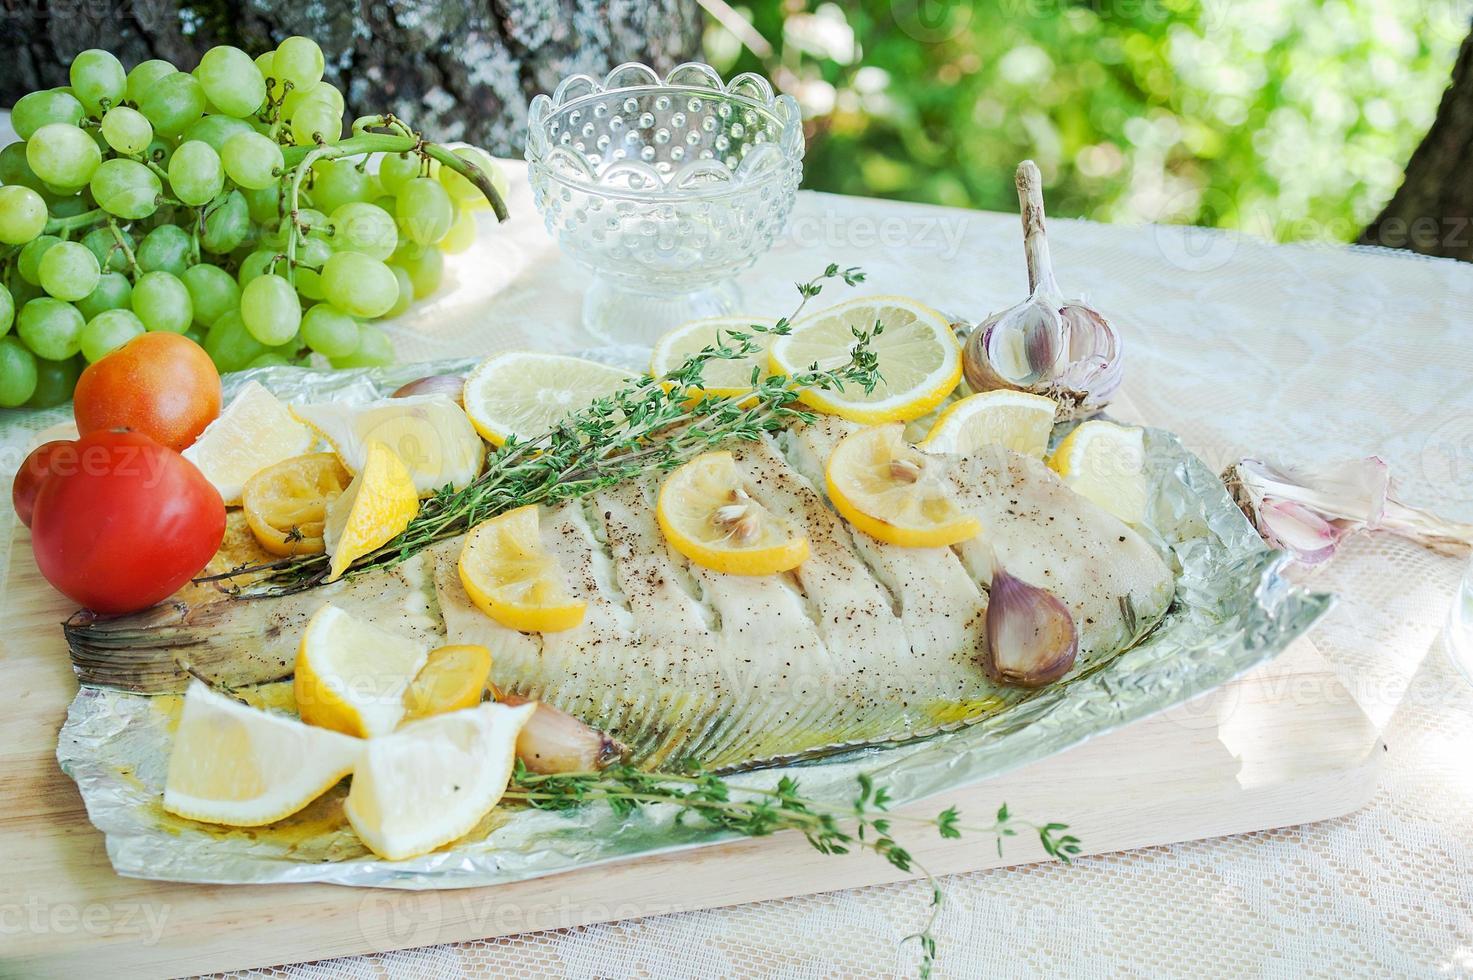 lunch met vis bot in mediterrane stijl buitenshuis foto